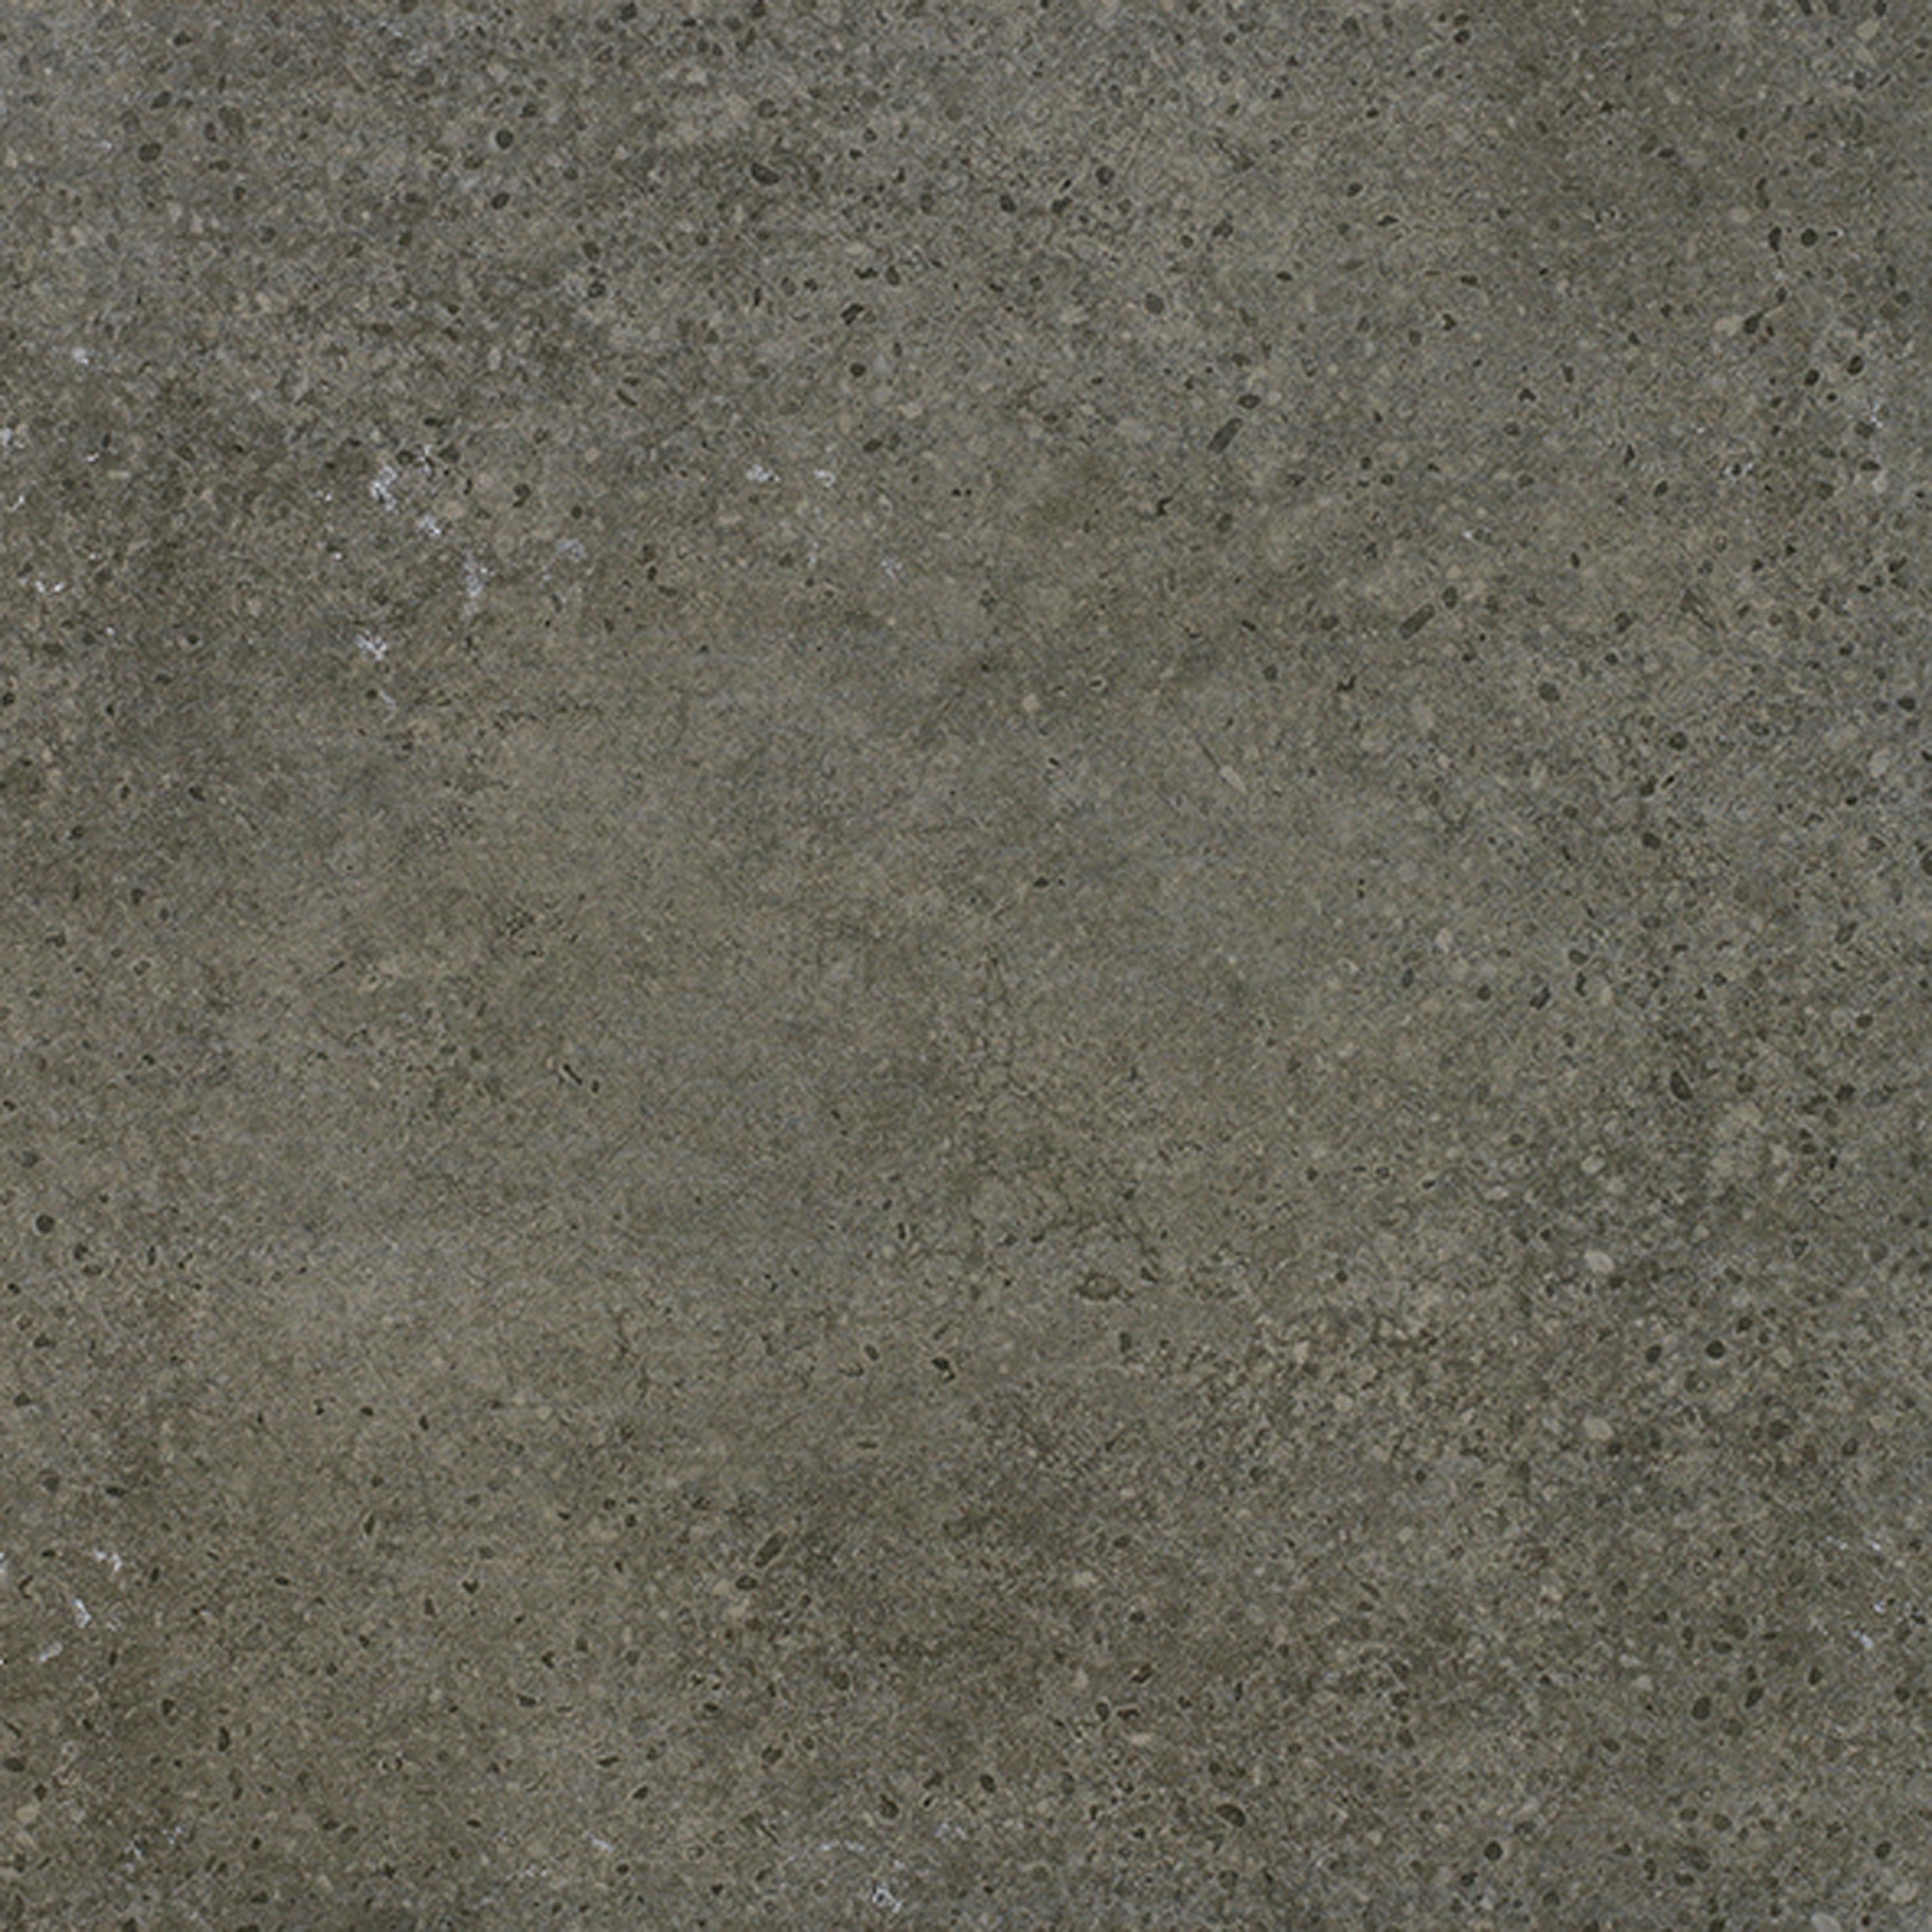 普拉提 / MK6614 / 600x600mm / 水泥砖